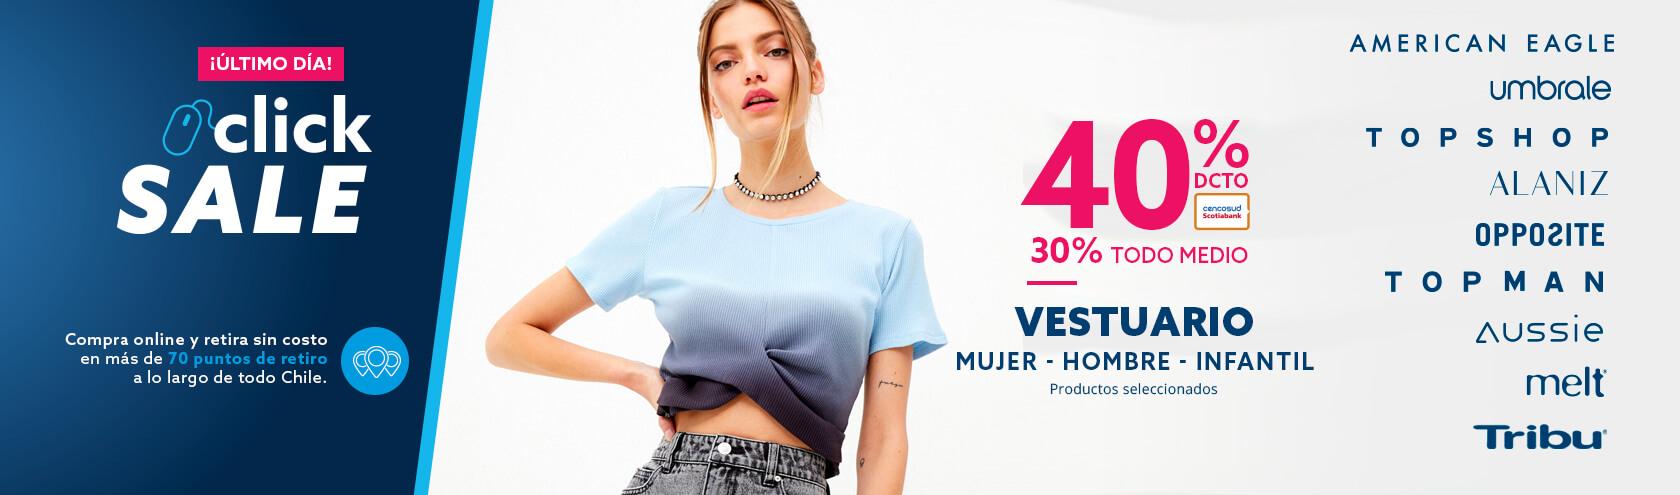 40% de descuento con tarjeta cencosud y 30% de descuento todo medio de pago en productos seleccionados moda hombre mujer infantil